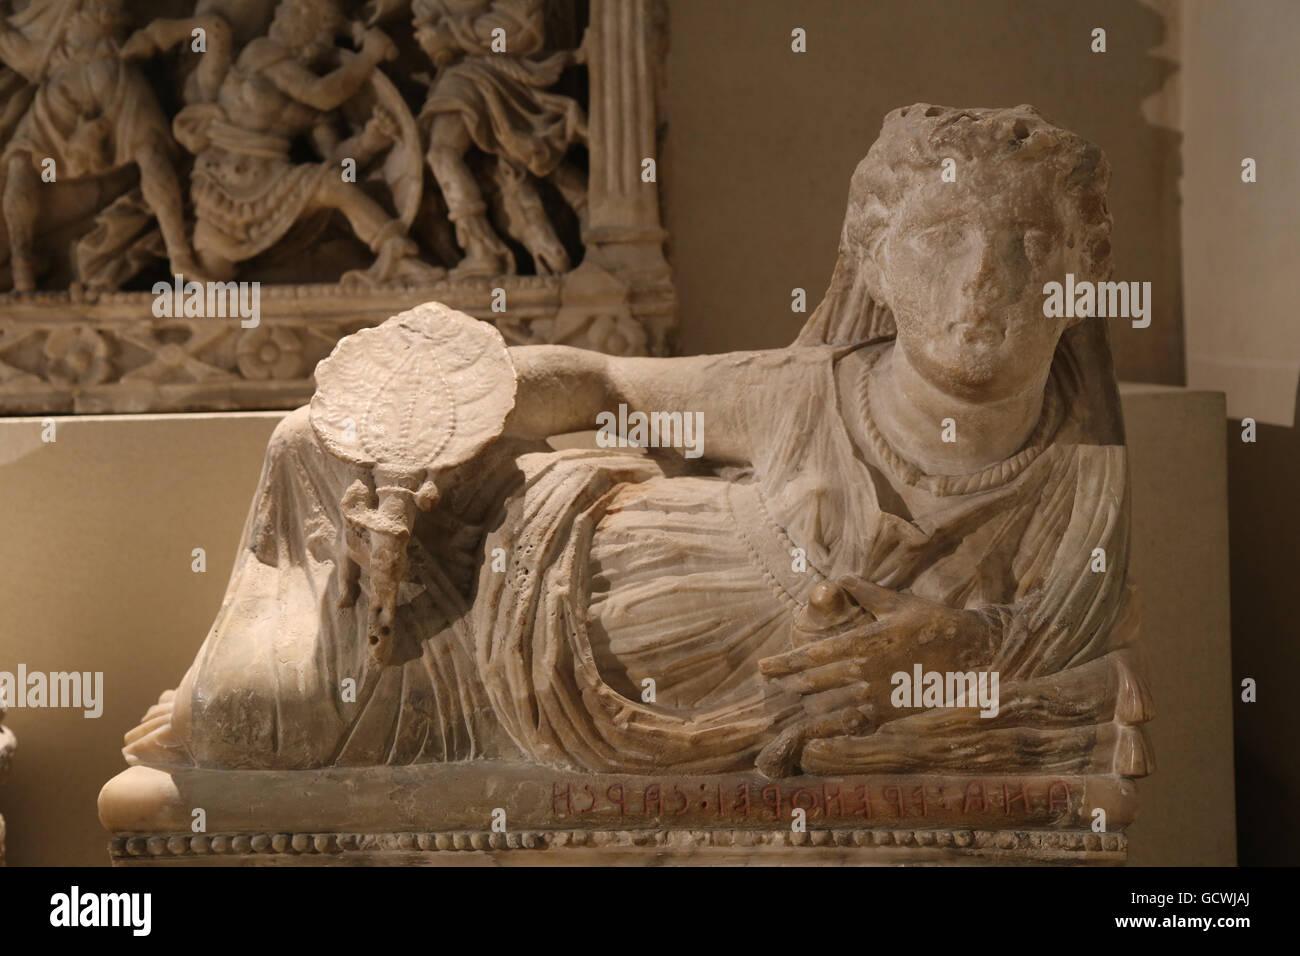 Arte Etrusco Cinerary urn. La efigie del difunto. Mujer vistiendo joyería y sosteniendo un ventilador en su Imagen De Stock